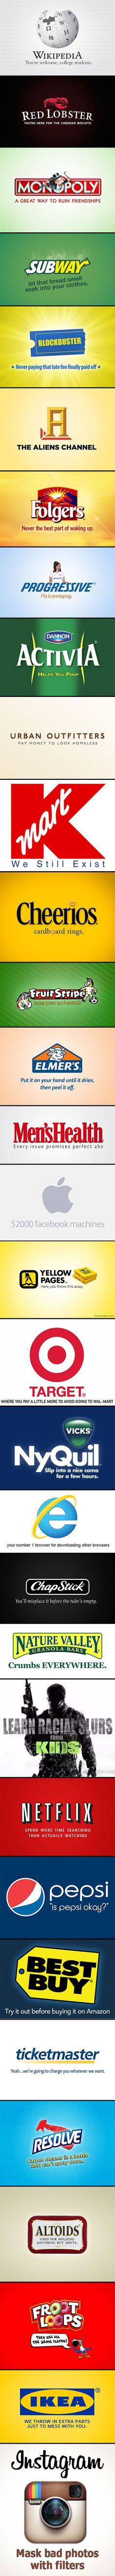 If company logos and slogans were honest... hahaha